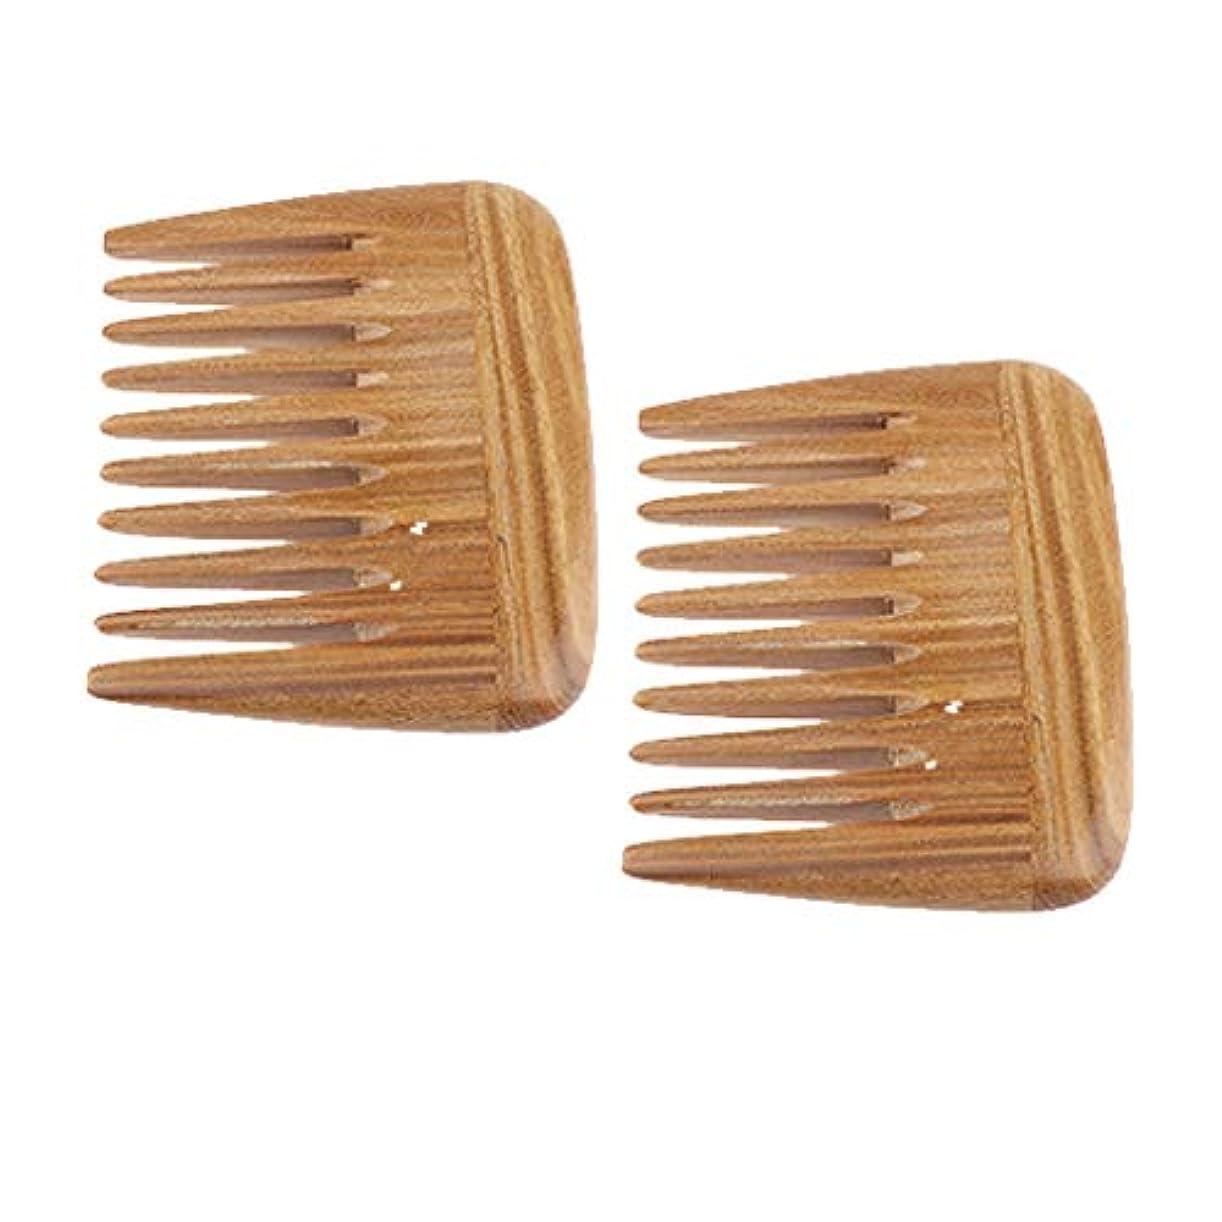 インド逃げるファイバ2個 静電気防止櫛 ポケット 広い歯 ヘアコーム 木製櫛 プレゼント